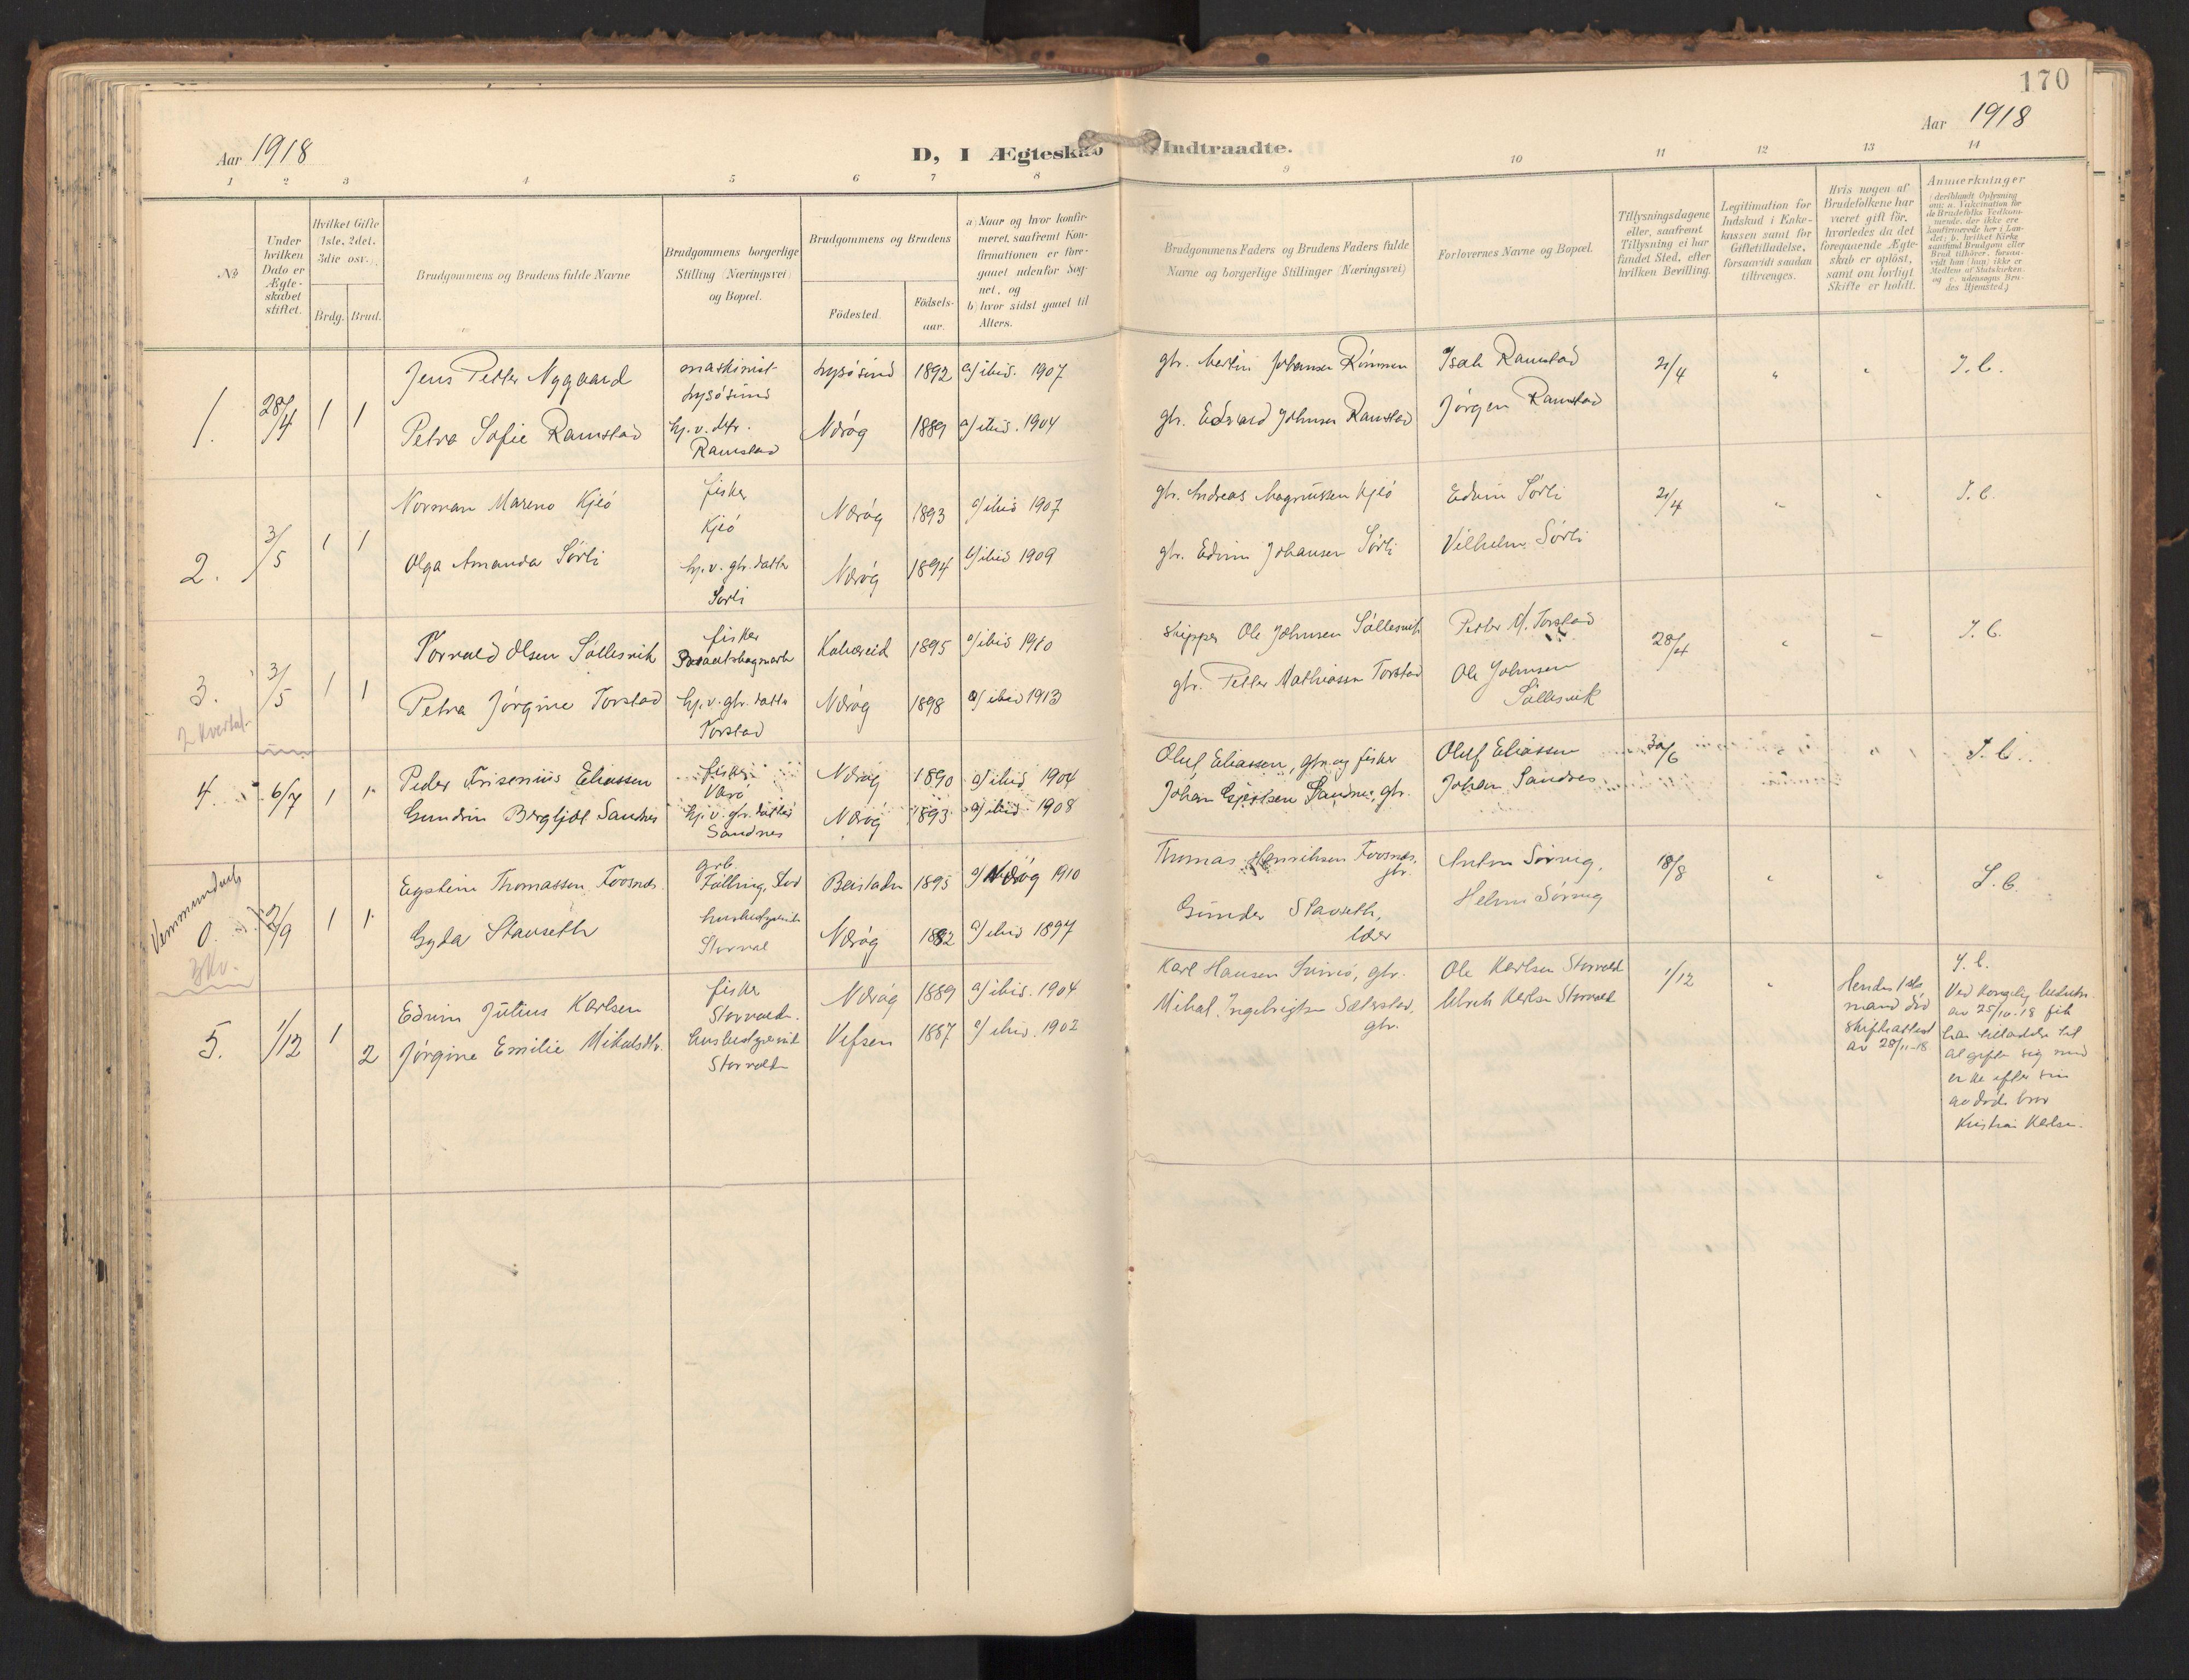 SAT, Ministerialprotokoller, klokkerbøker og fødselsregistre - Nord-Trøndelag, 784/L0677: Ministerialbok nr. 784A12, 1900-1920, s. 170